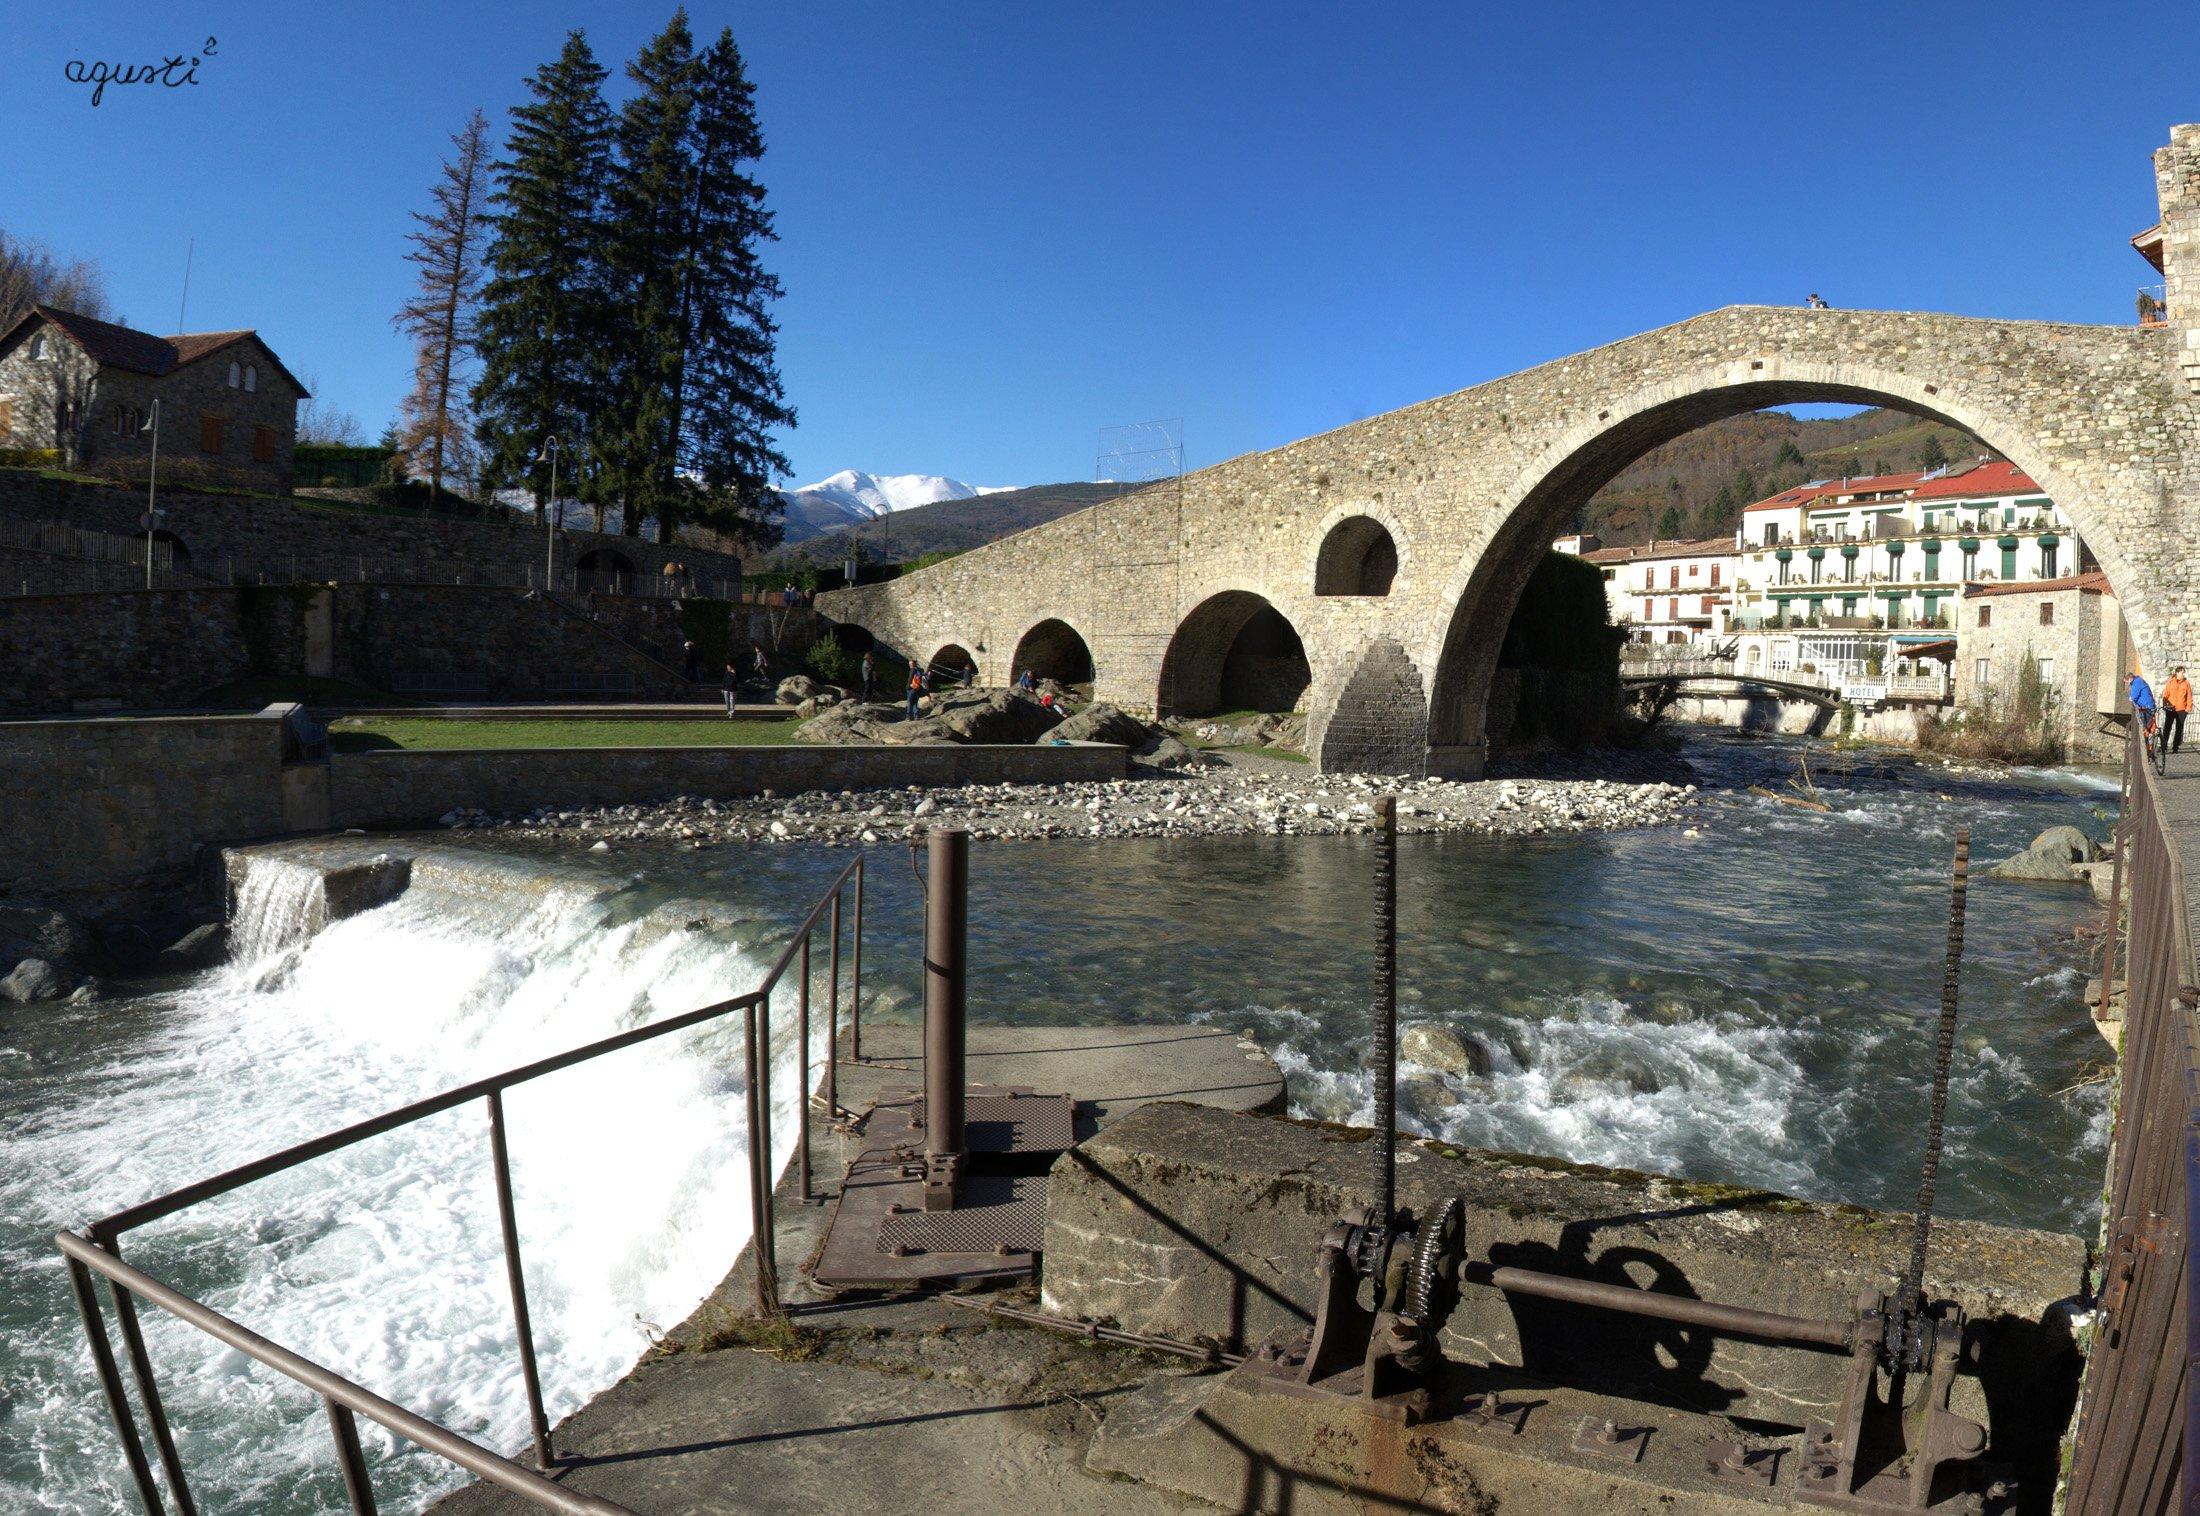 el pont sobre el Ter, als fons el Pirineu nevat